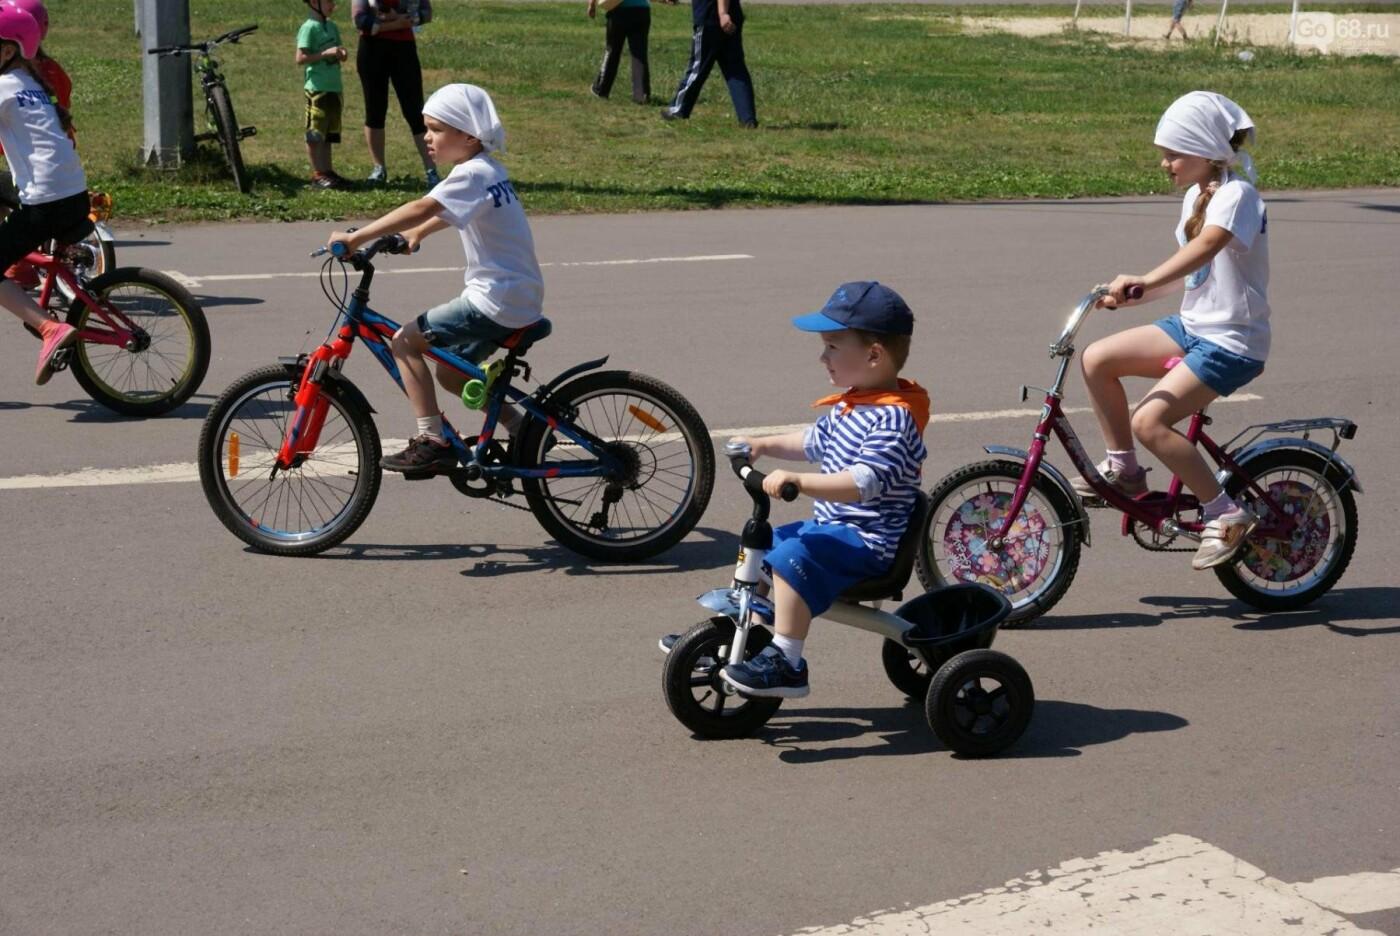 Тамбовский фестиваль «Солнце на спицах» объединил любителей велоспорта, фото-5